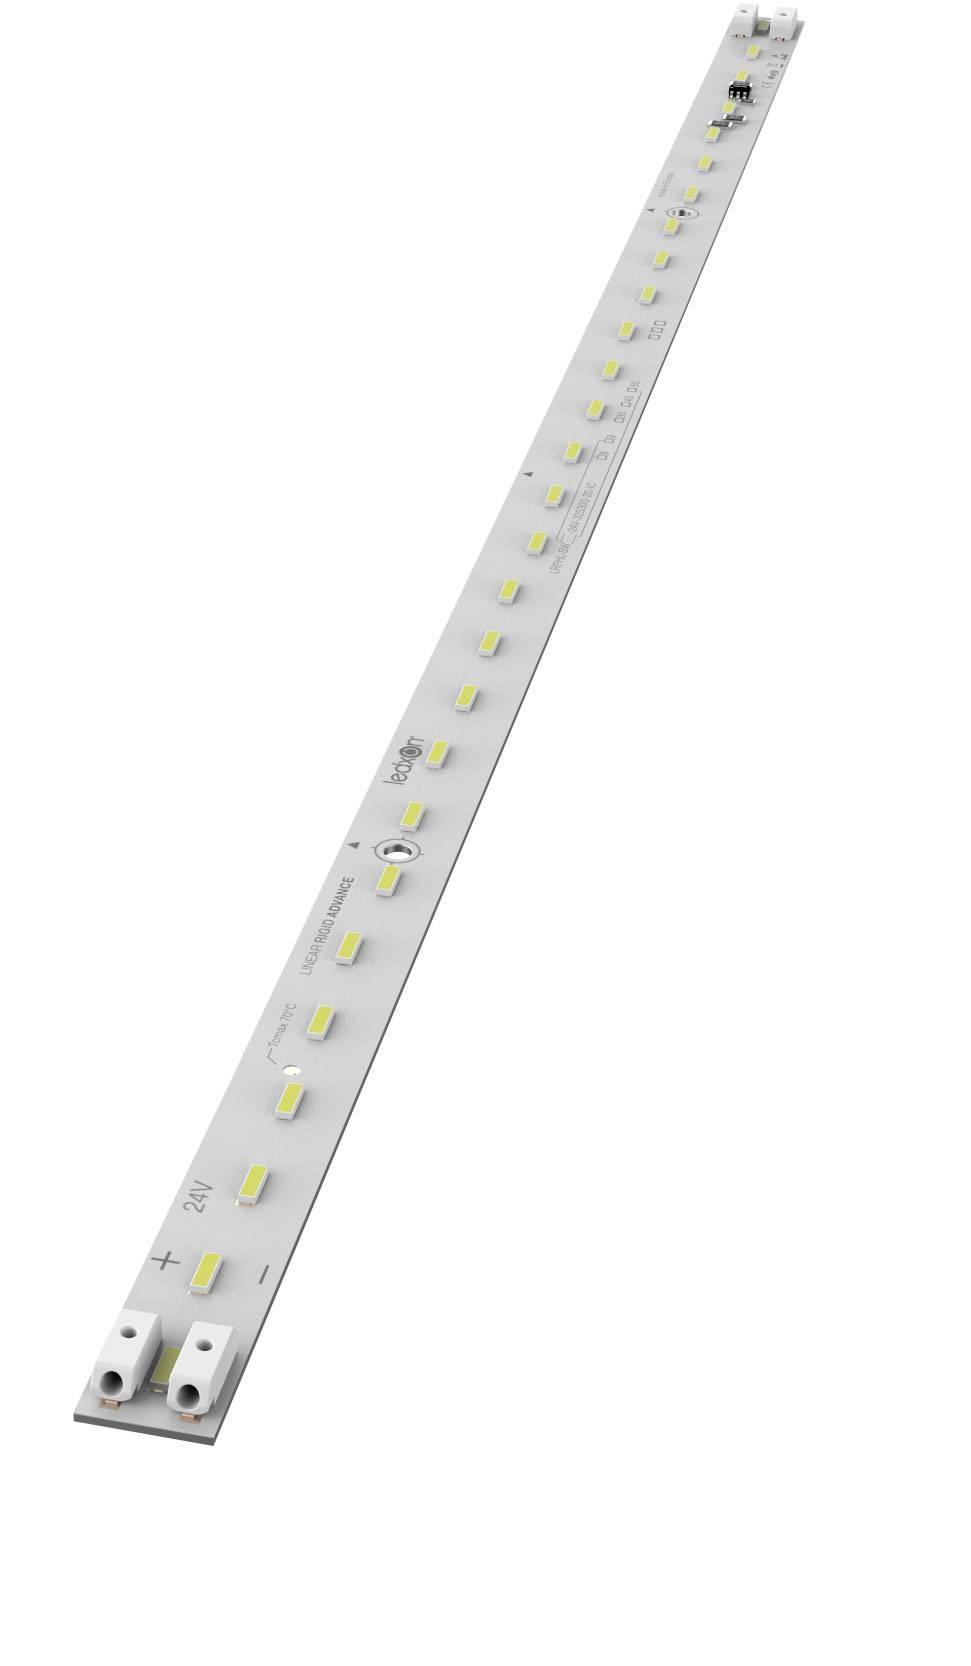 LED lišta ledxon LRALL-SW850-24V-28S103-20-IC 9009362, 24 V, studená bílá, 30 cm